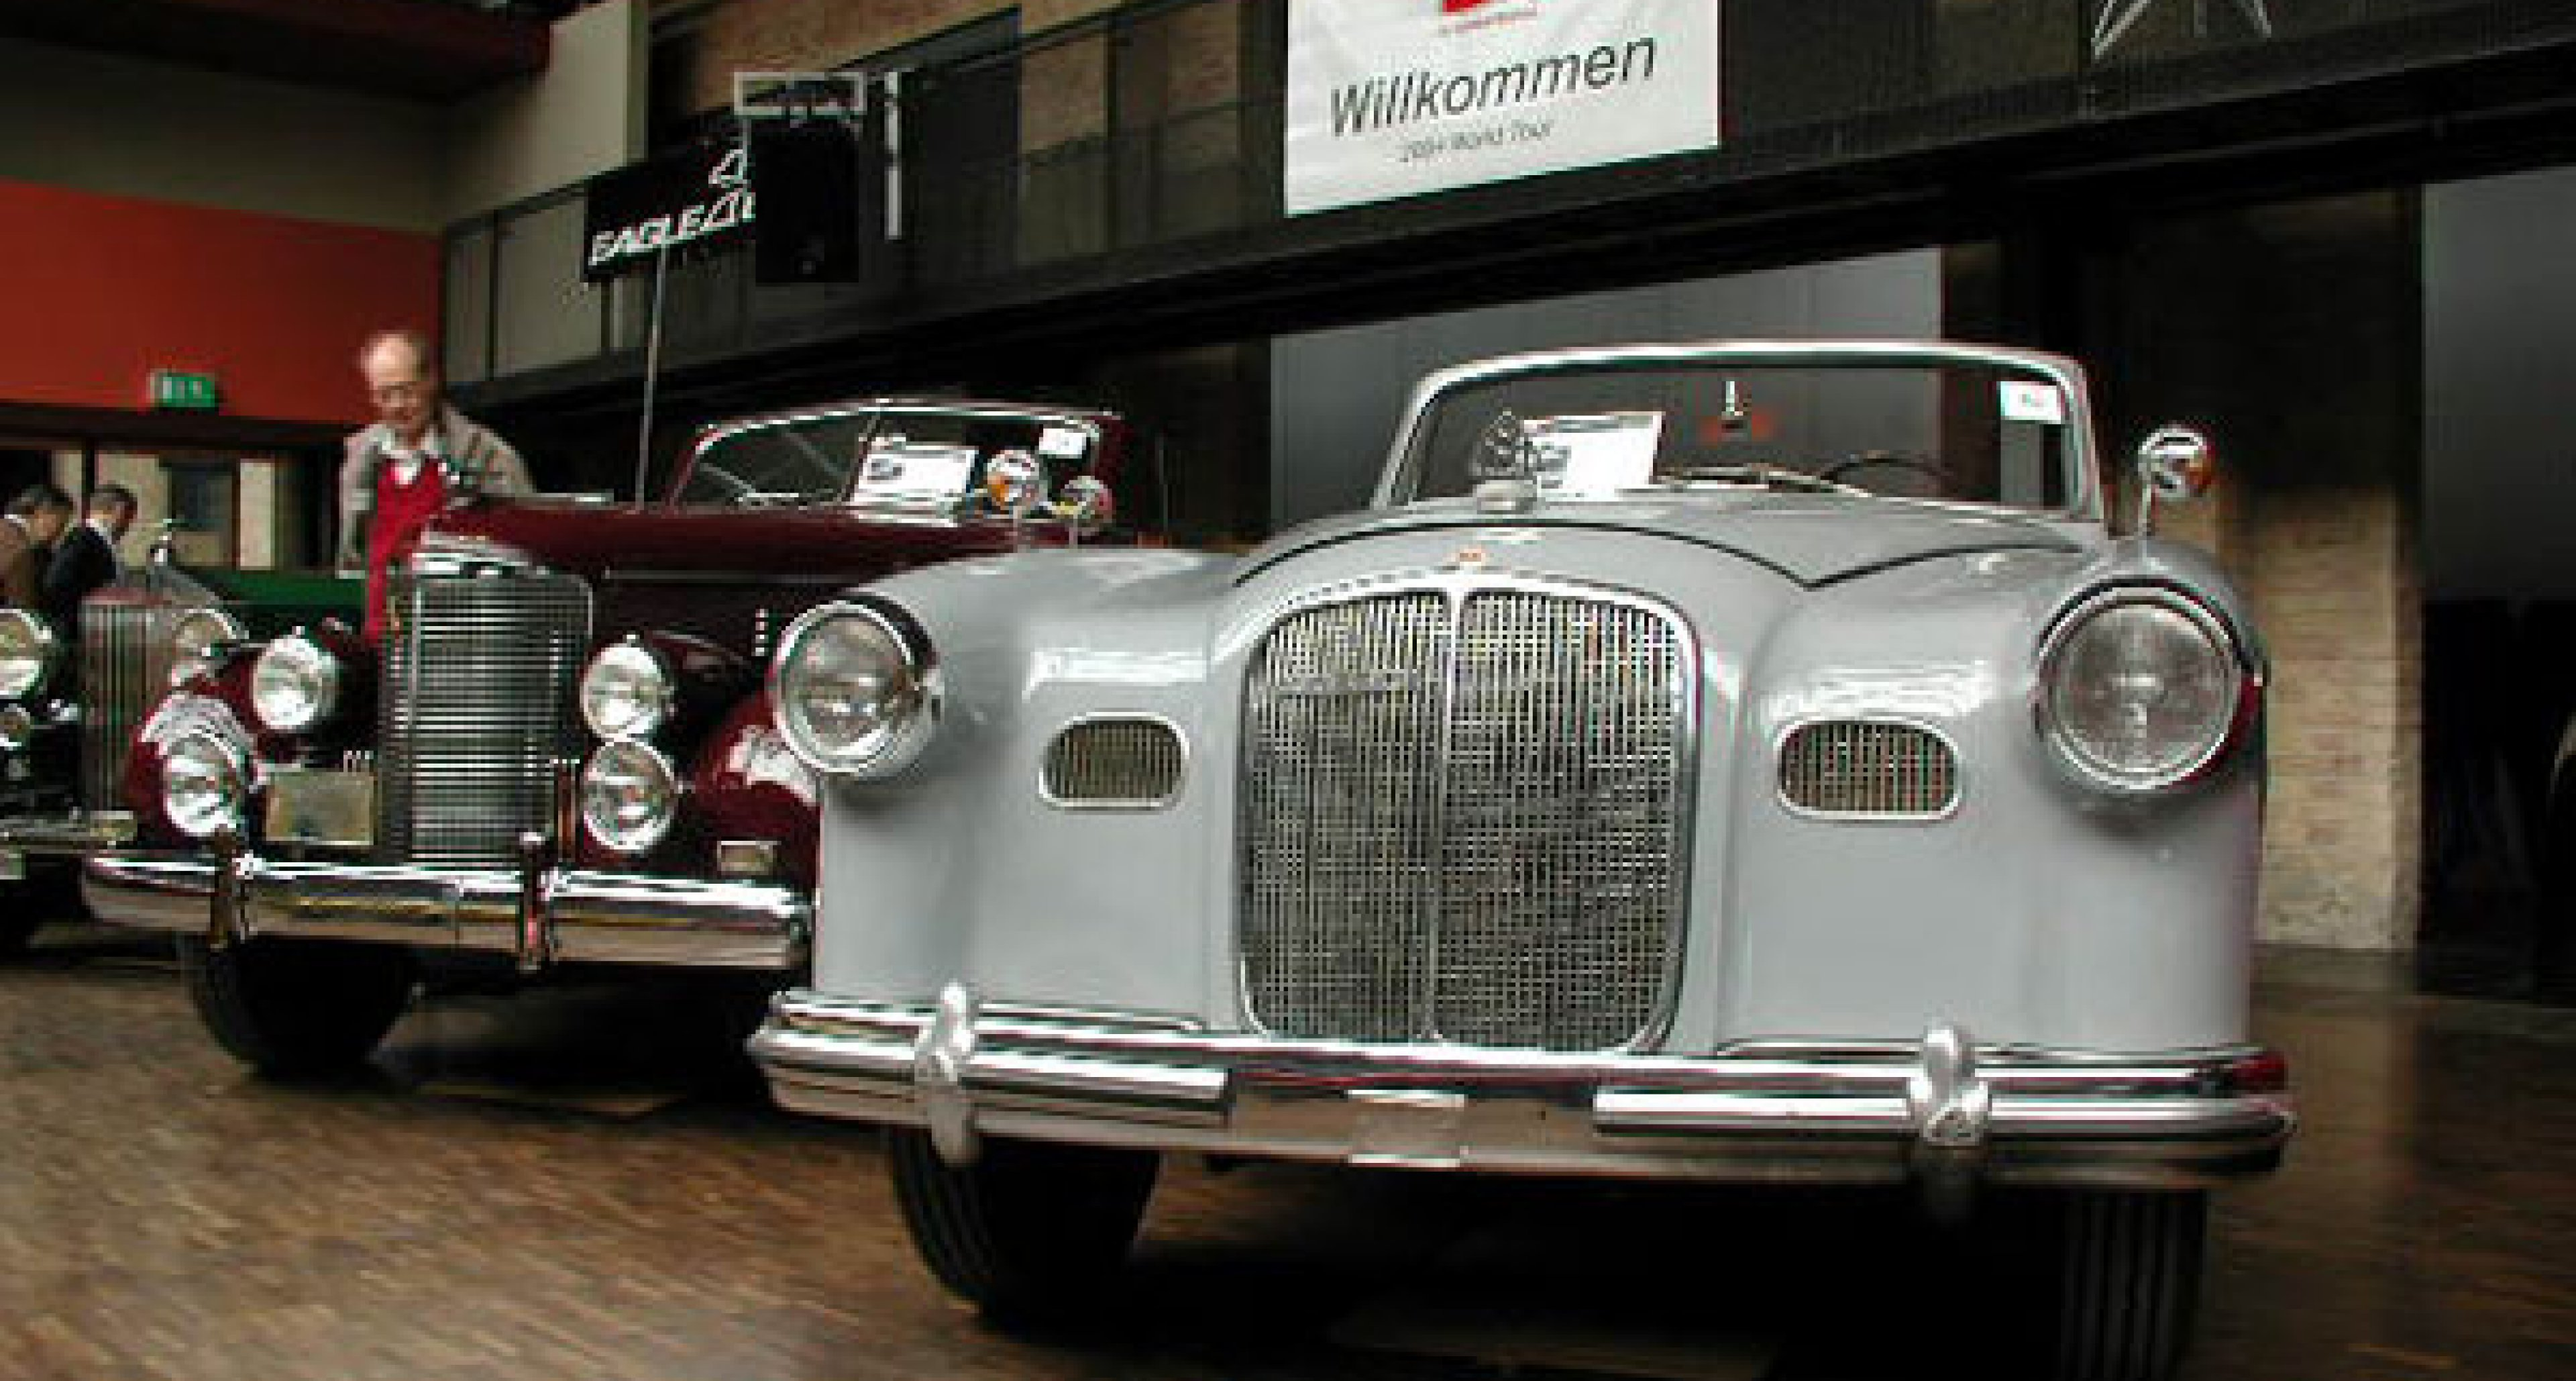 Kruse Auktion im Meilenwerk Berlin 2003 - Vorschau